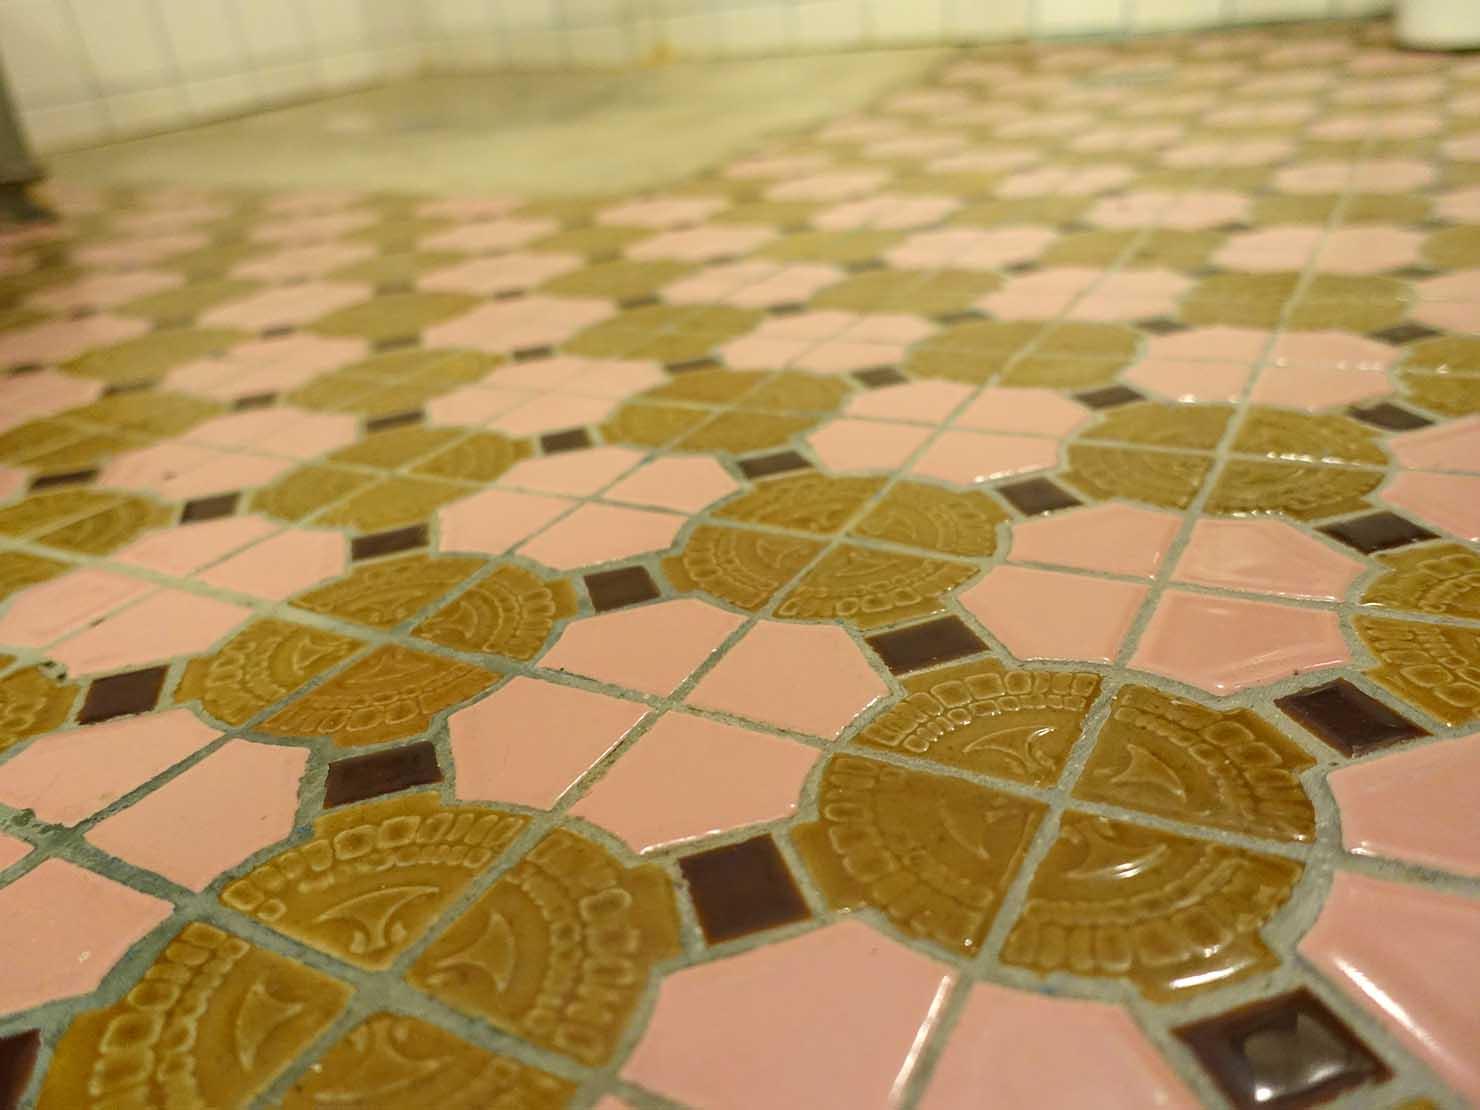 花蓮市街中心部のレトロかわいいおすすめゲストハウス「花蓮日日 Hualien dairy」の單人房(シングルルーム)のシャワールームに嵌めまれたタイル